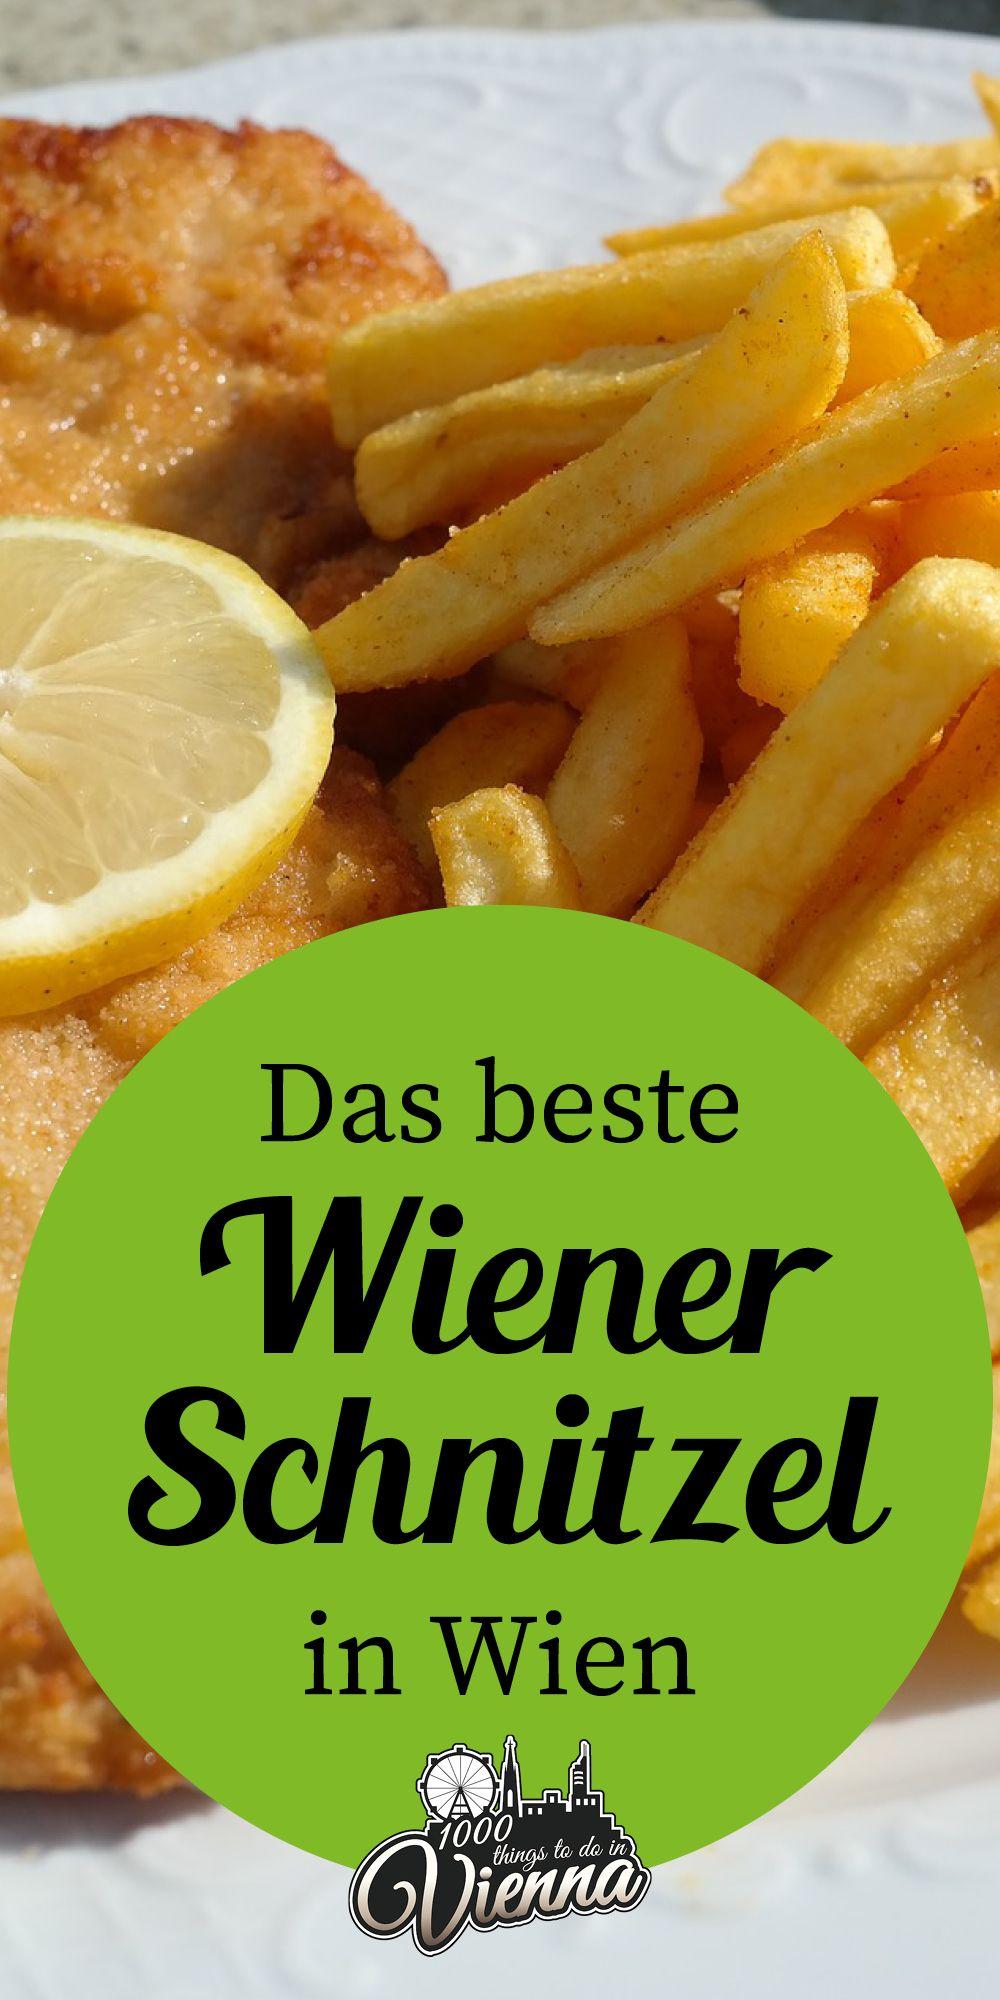 bestes wiener schnitzel wien